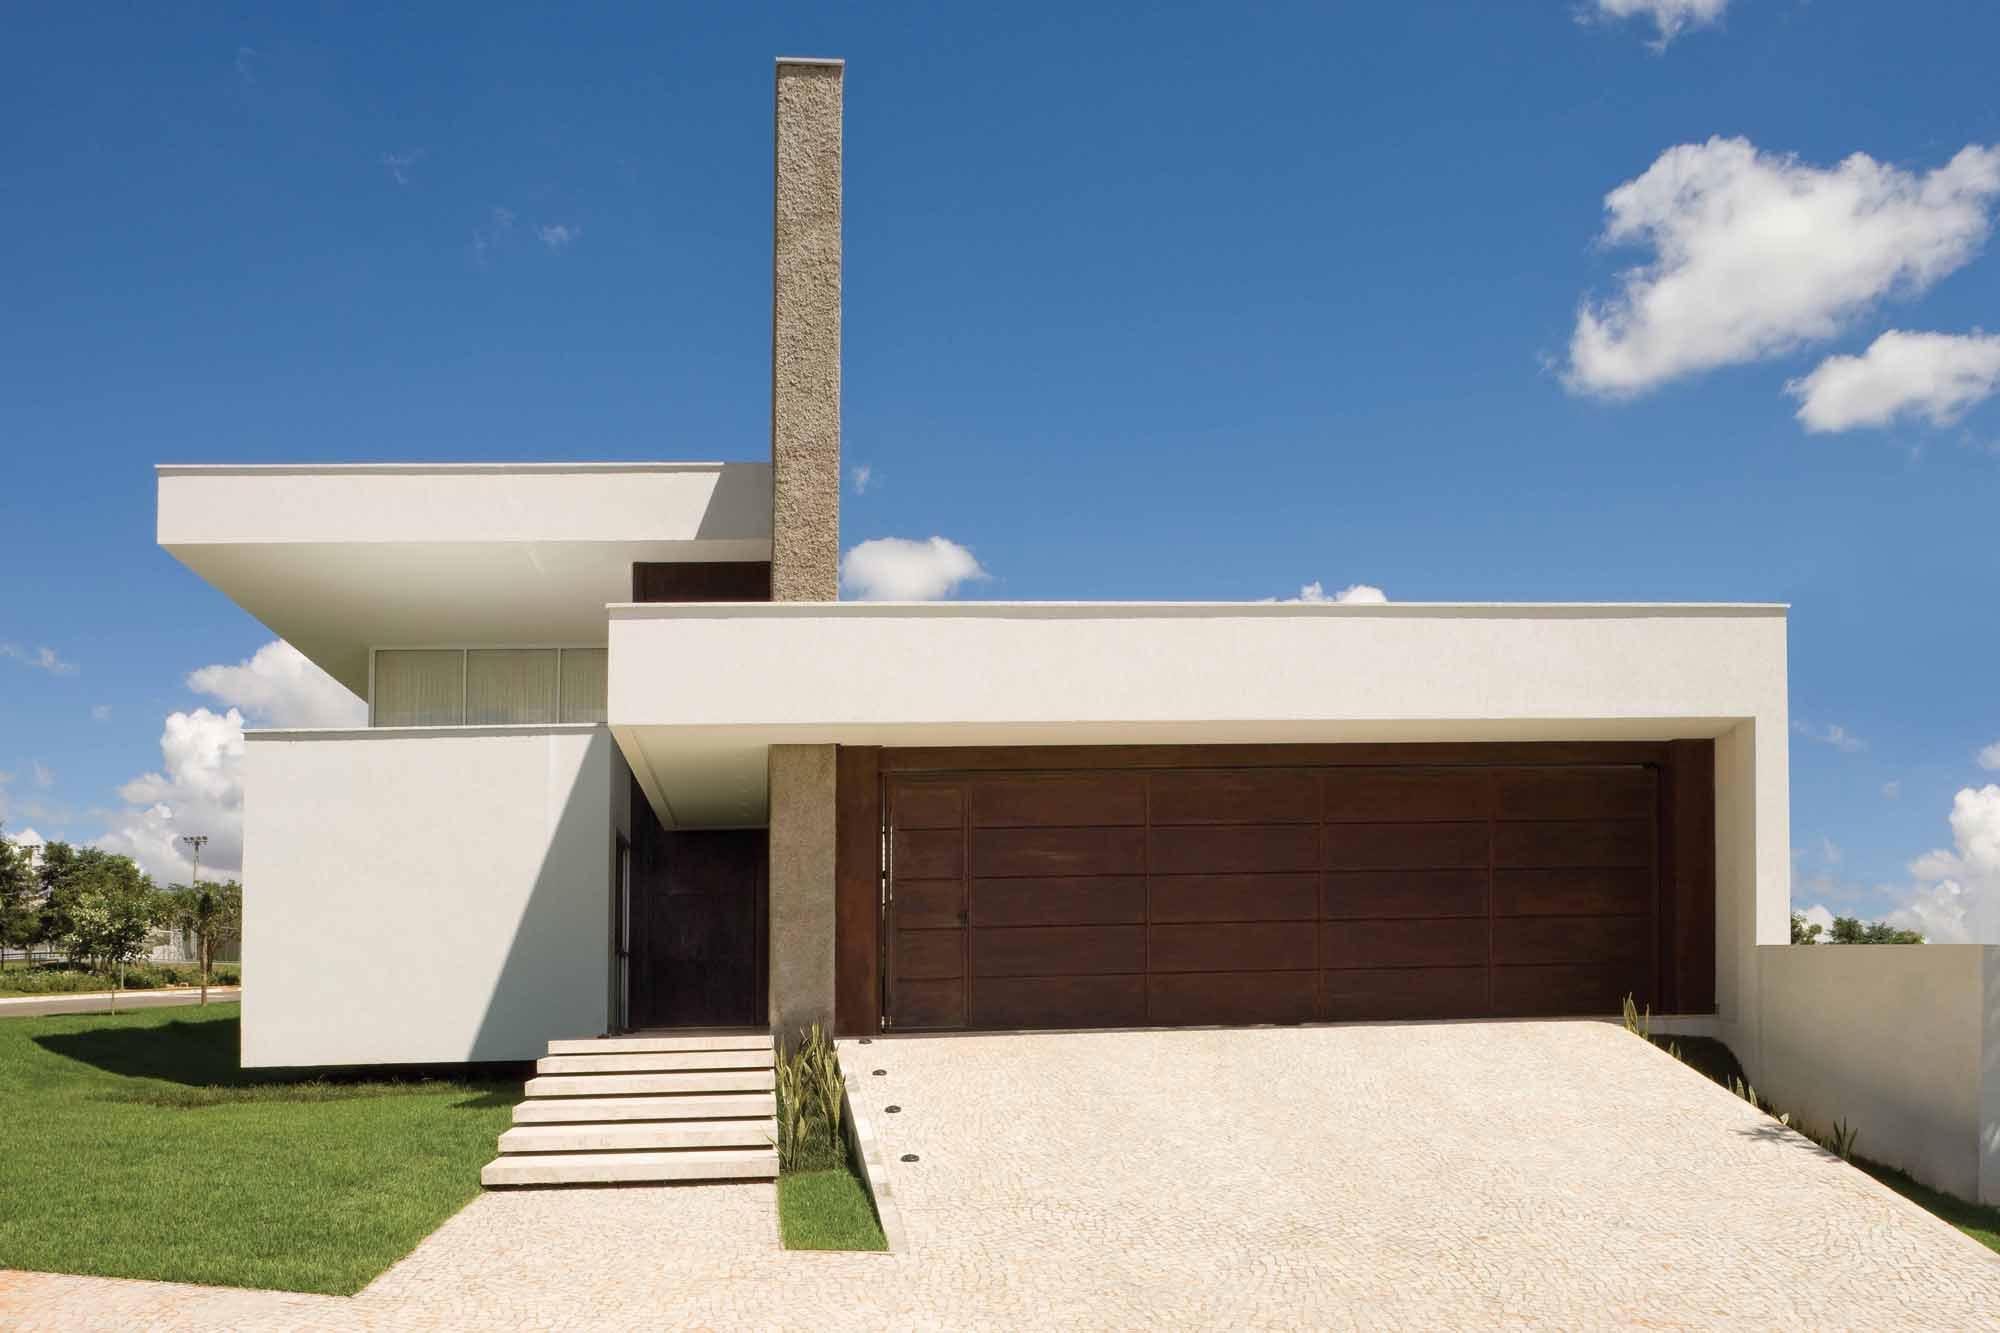 Casa com telhado embutido beiral